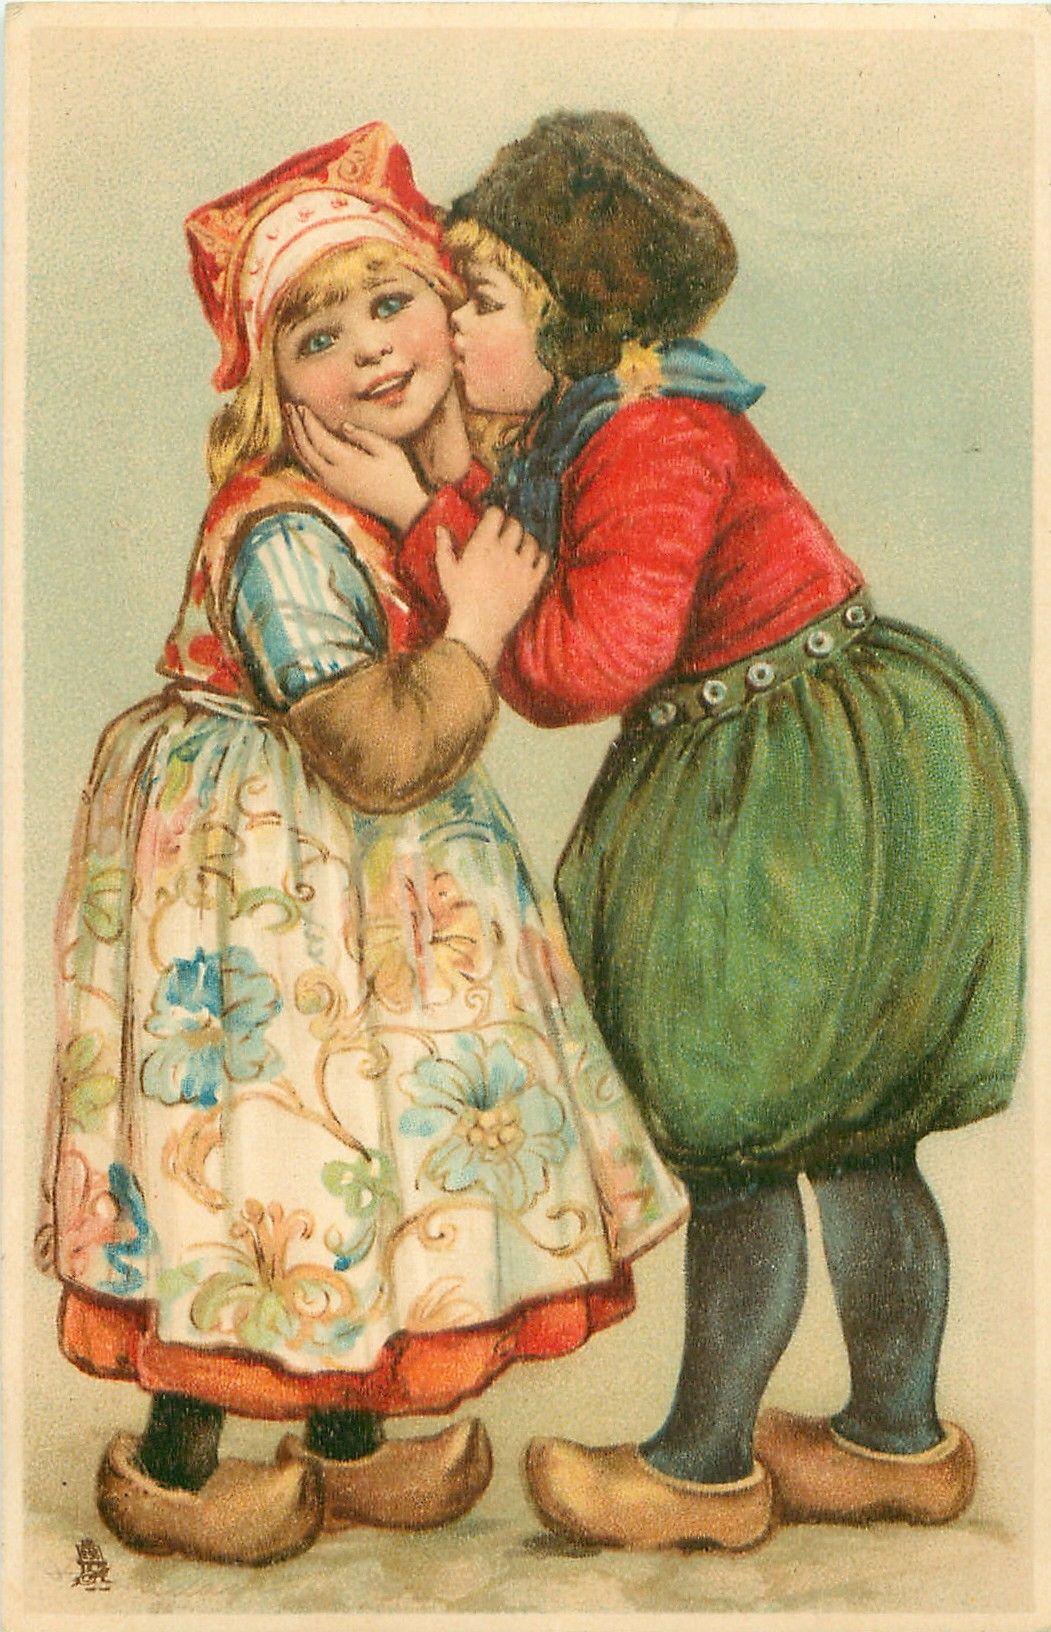 Дом картинках, старые открытки для любимой